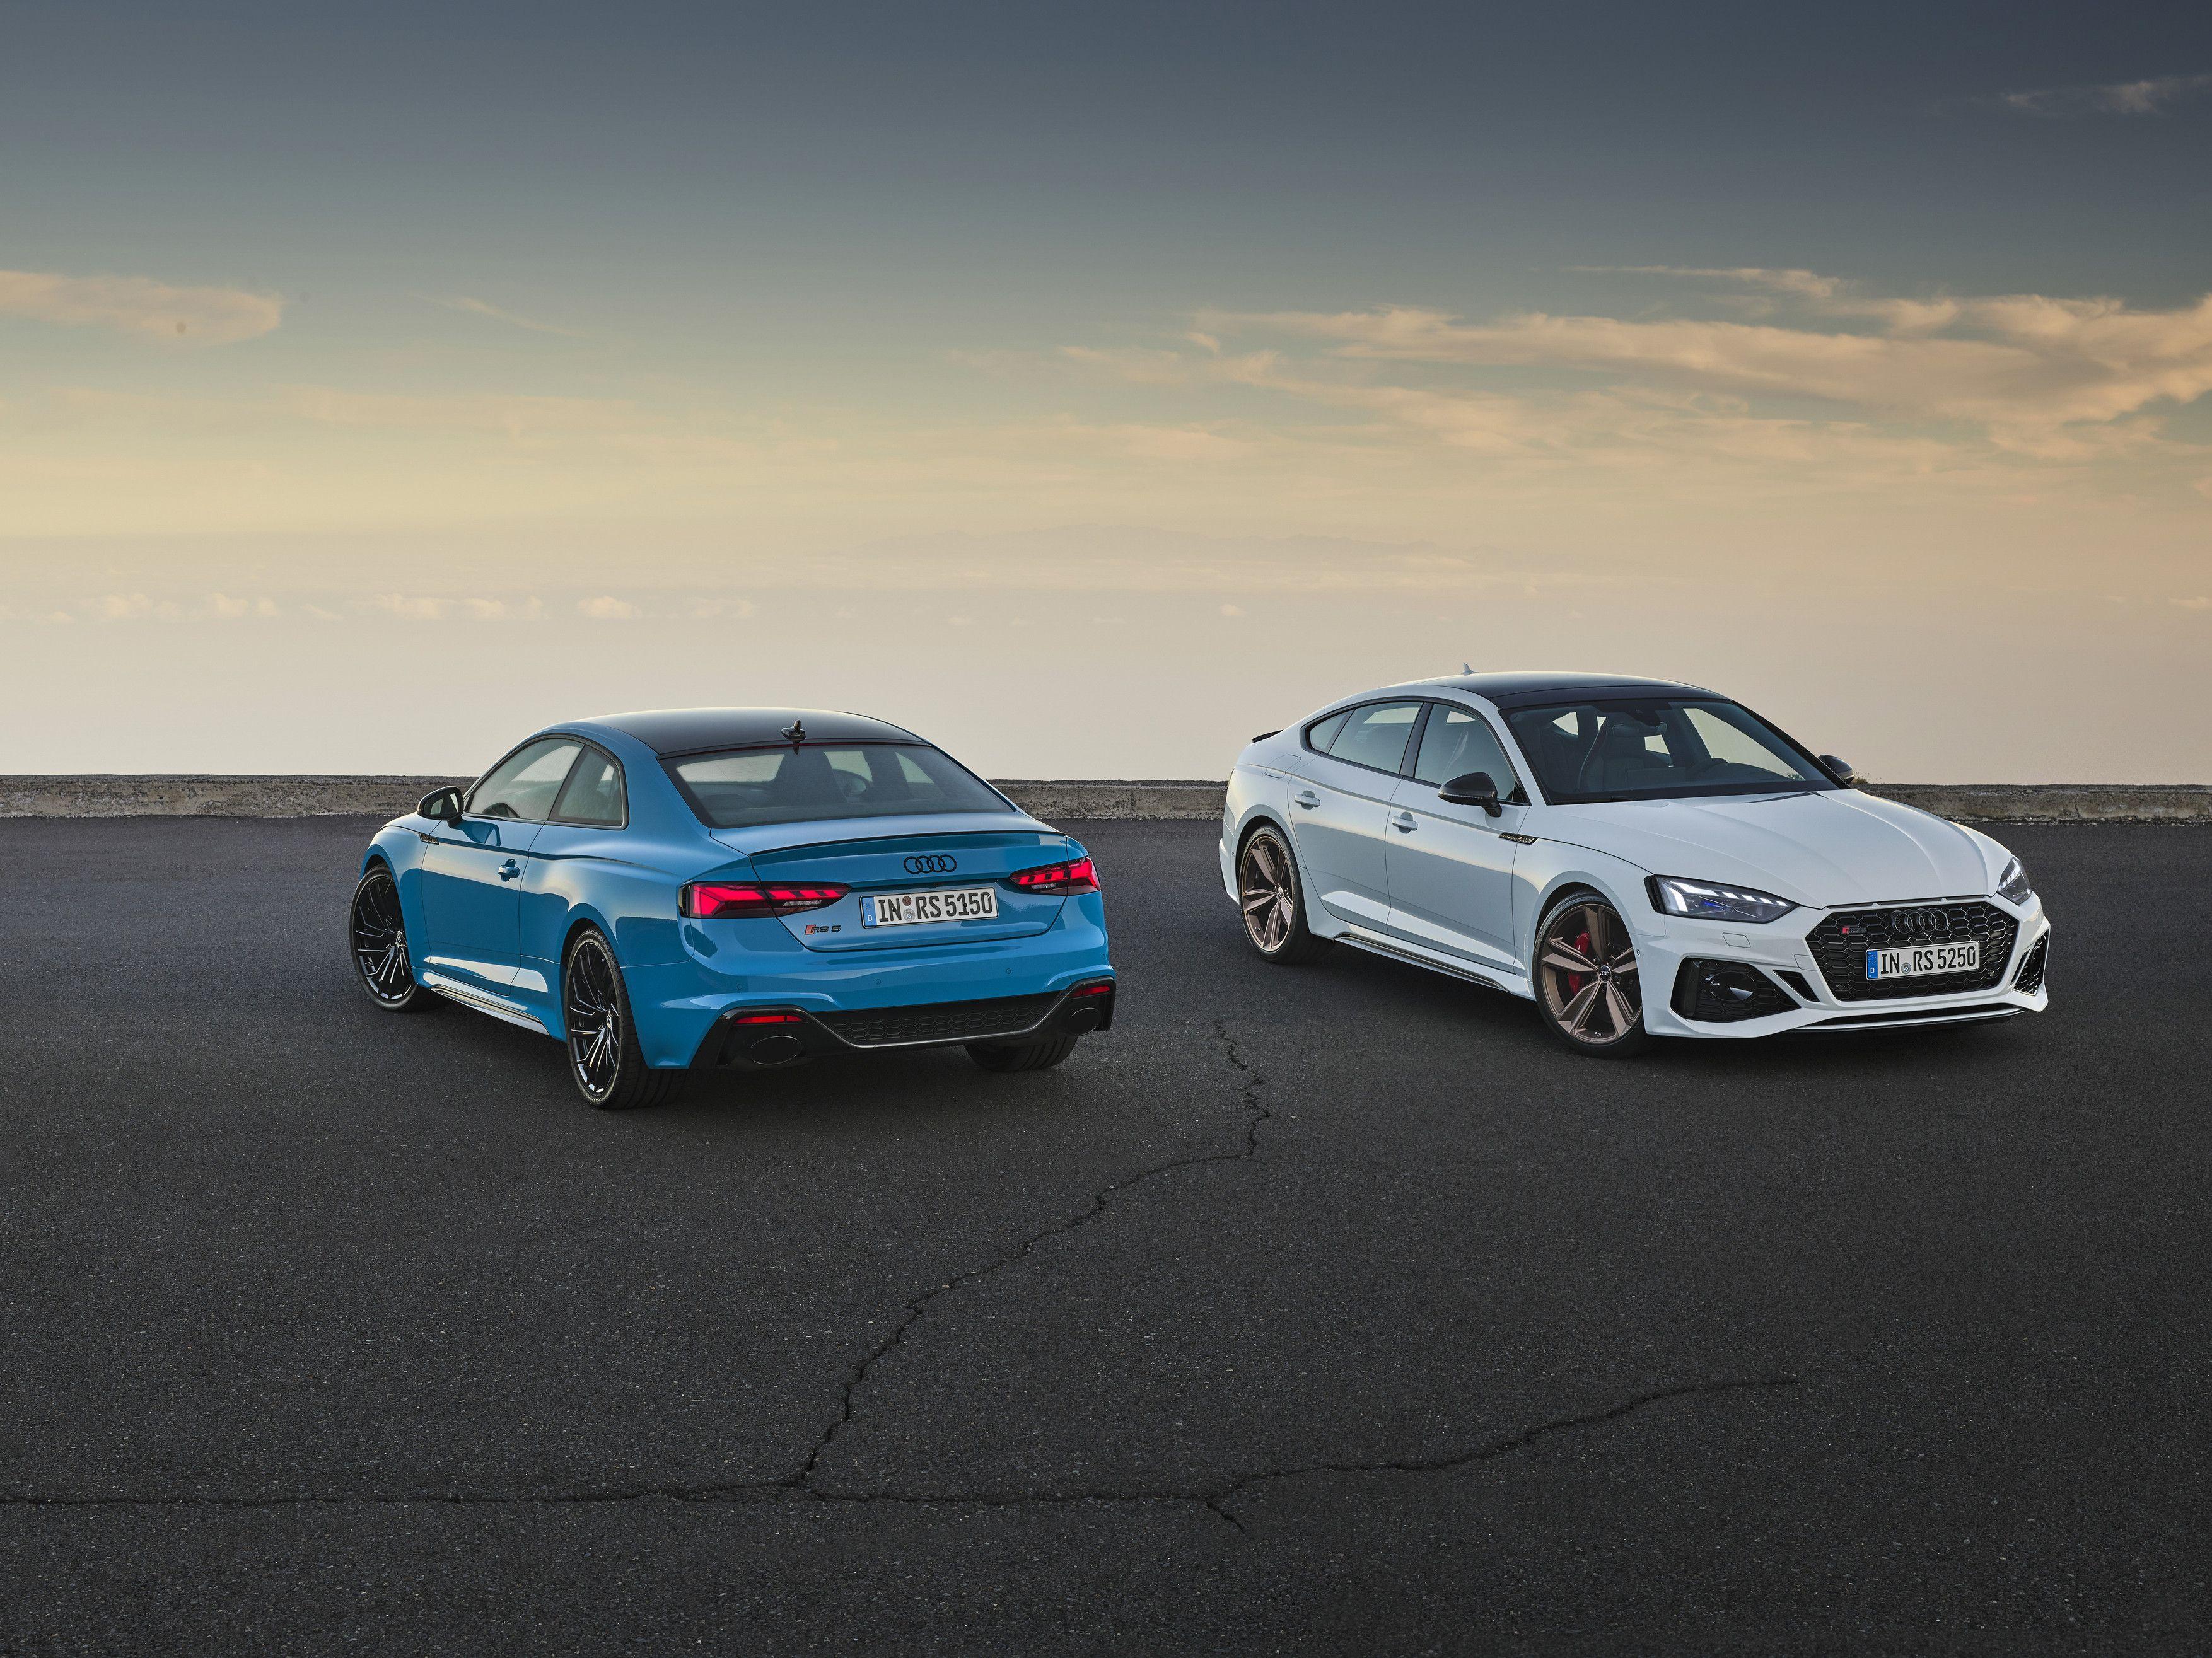 2020 Audi Rs5 Gets A Bit Sexier